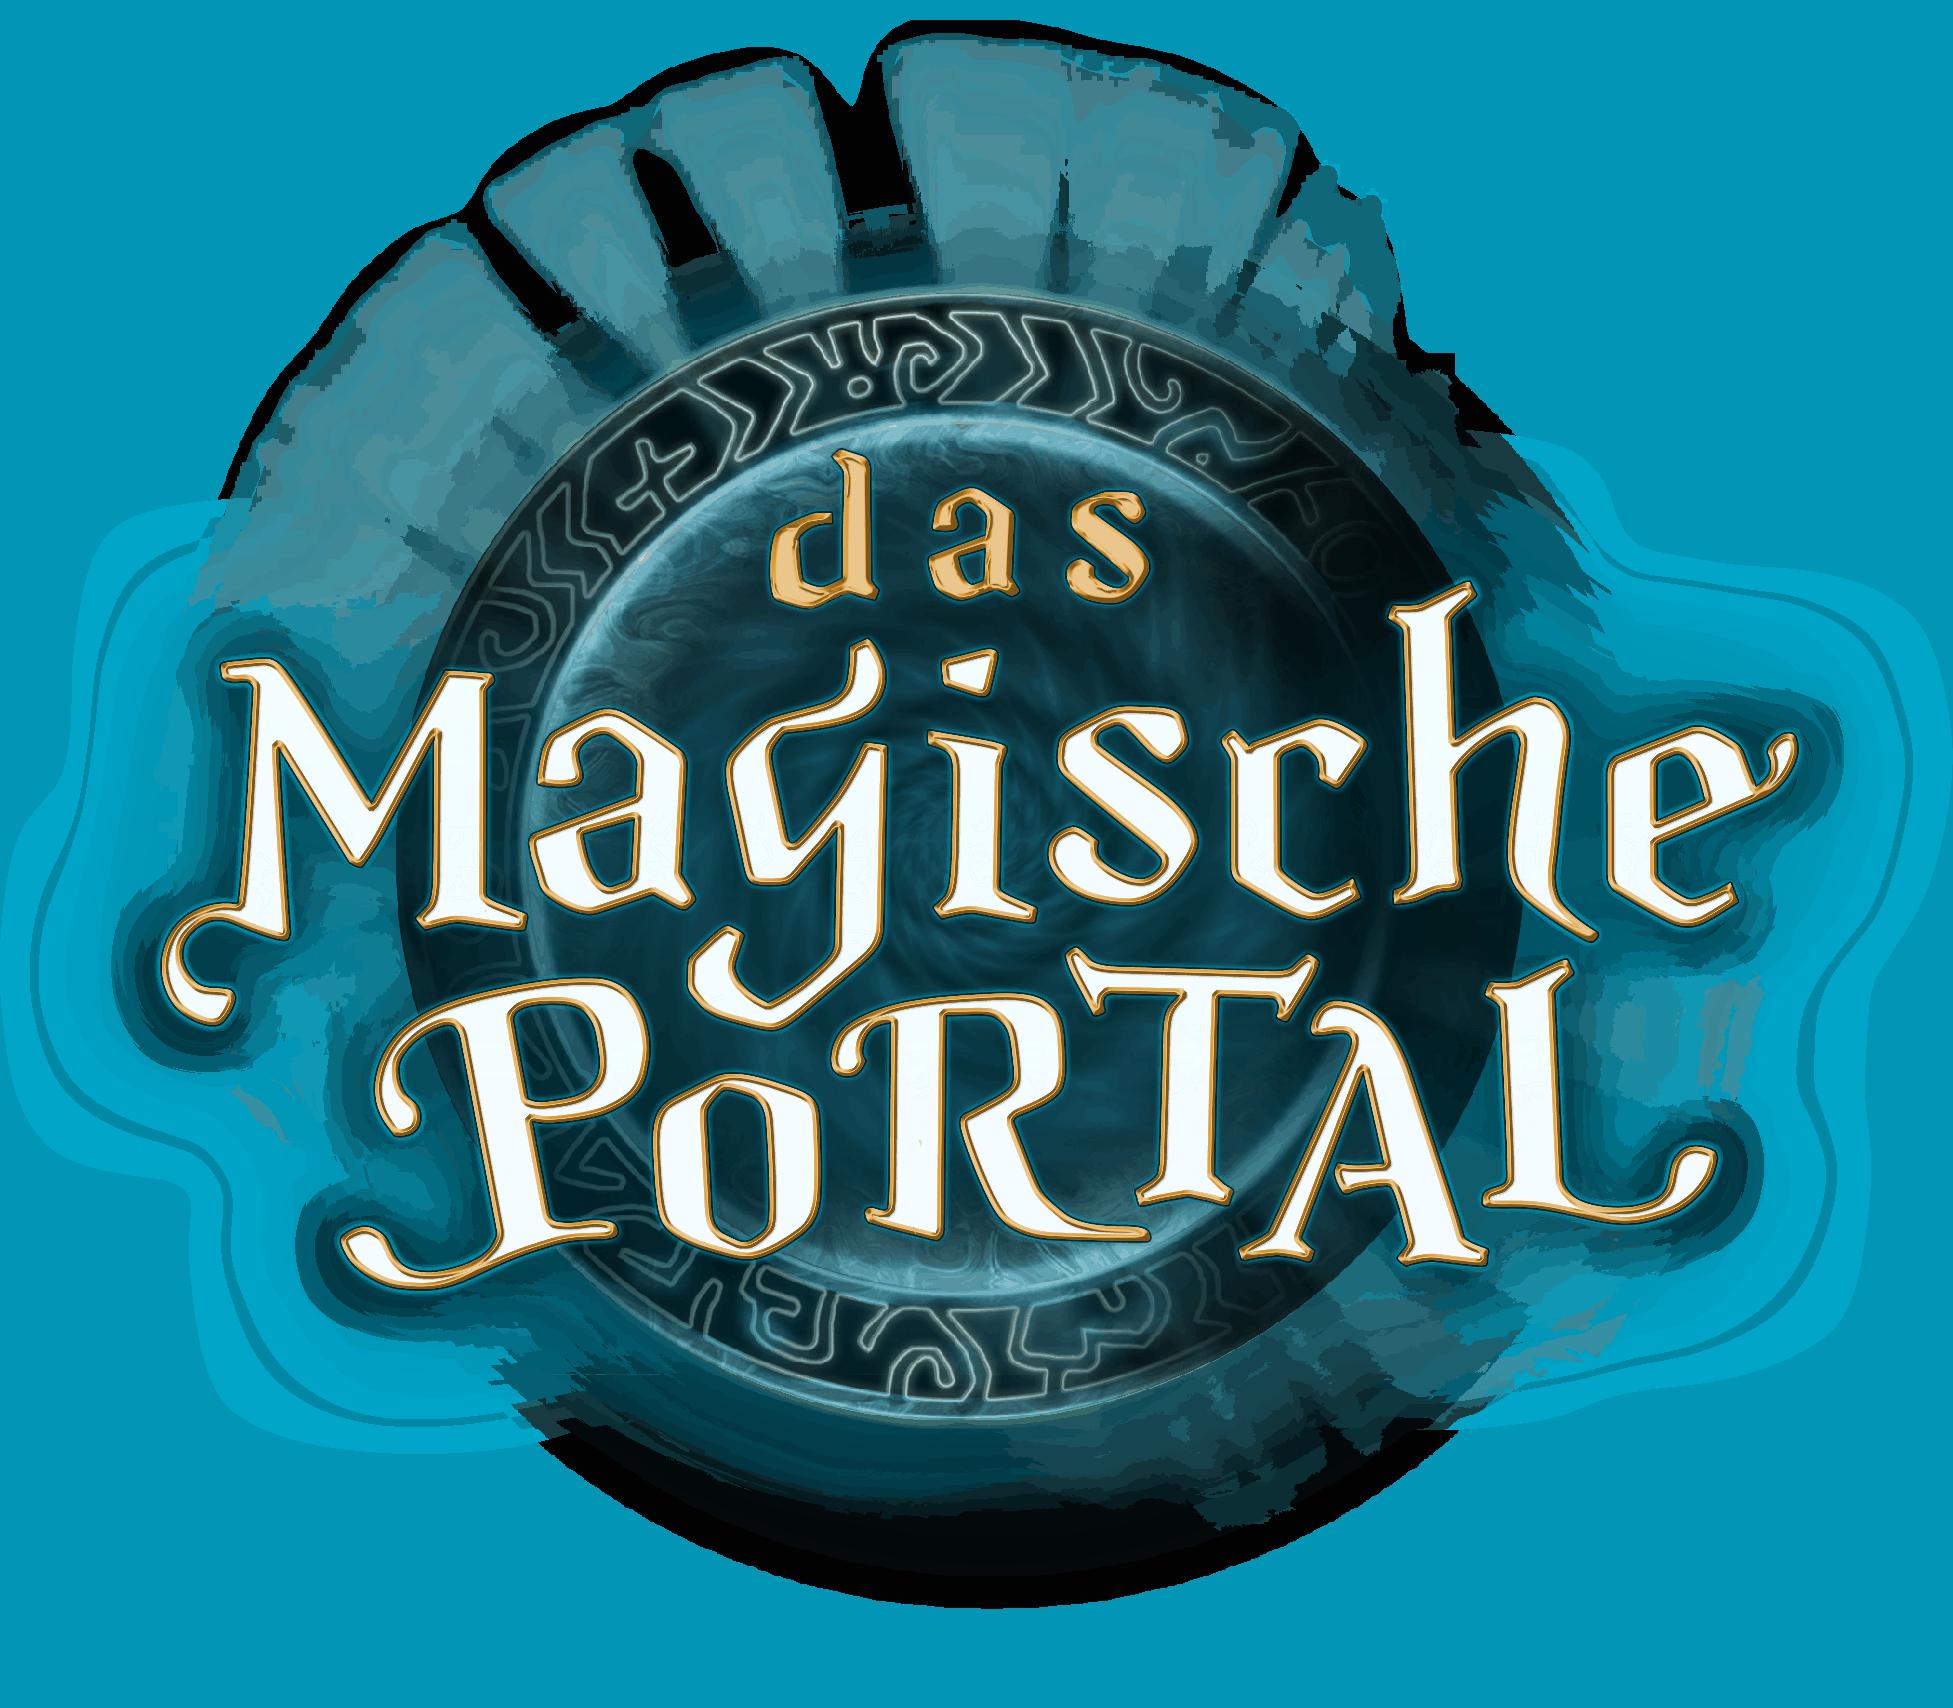 Stadtrallye Das Magische Portal